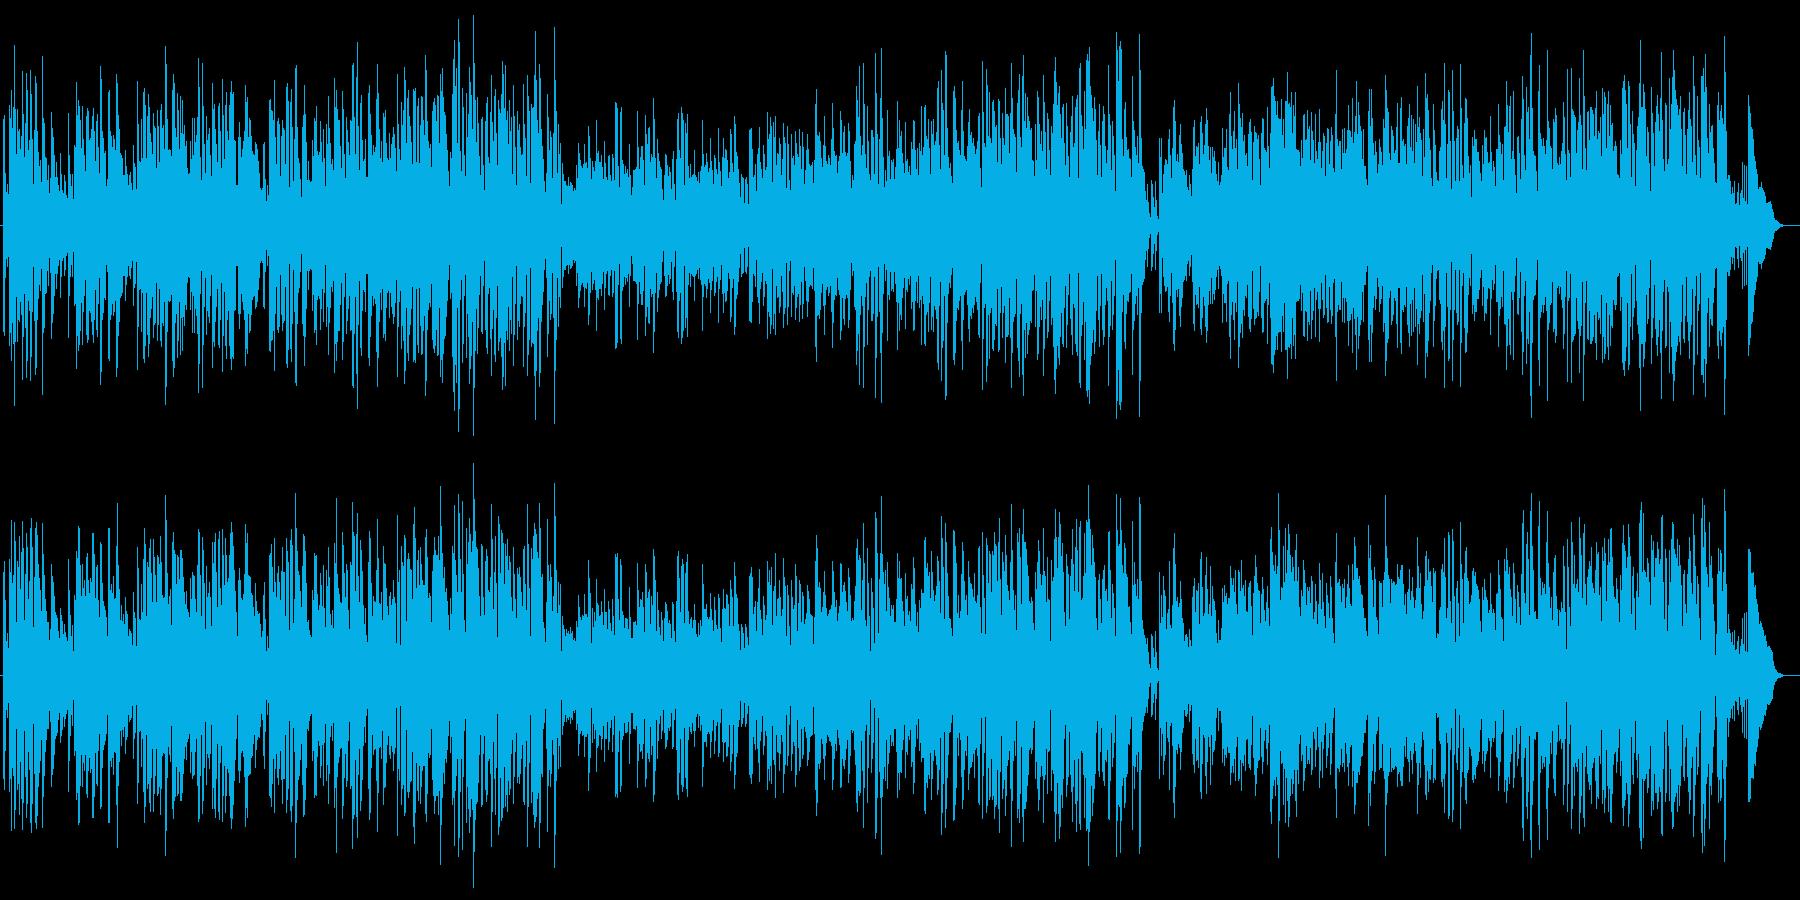 ヴァイブとギターのクールジャズ1950sの再生済みの波形